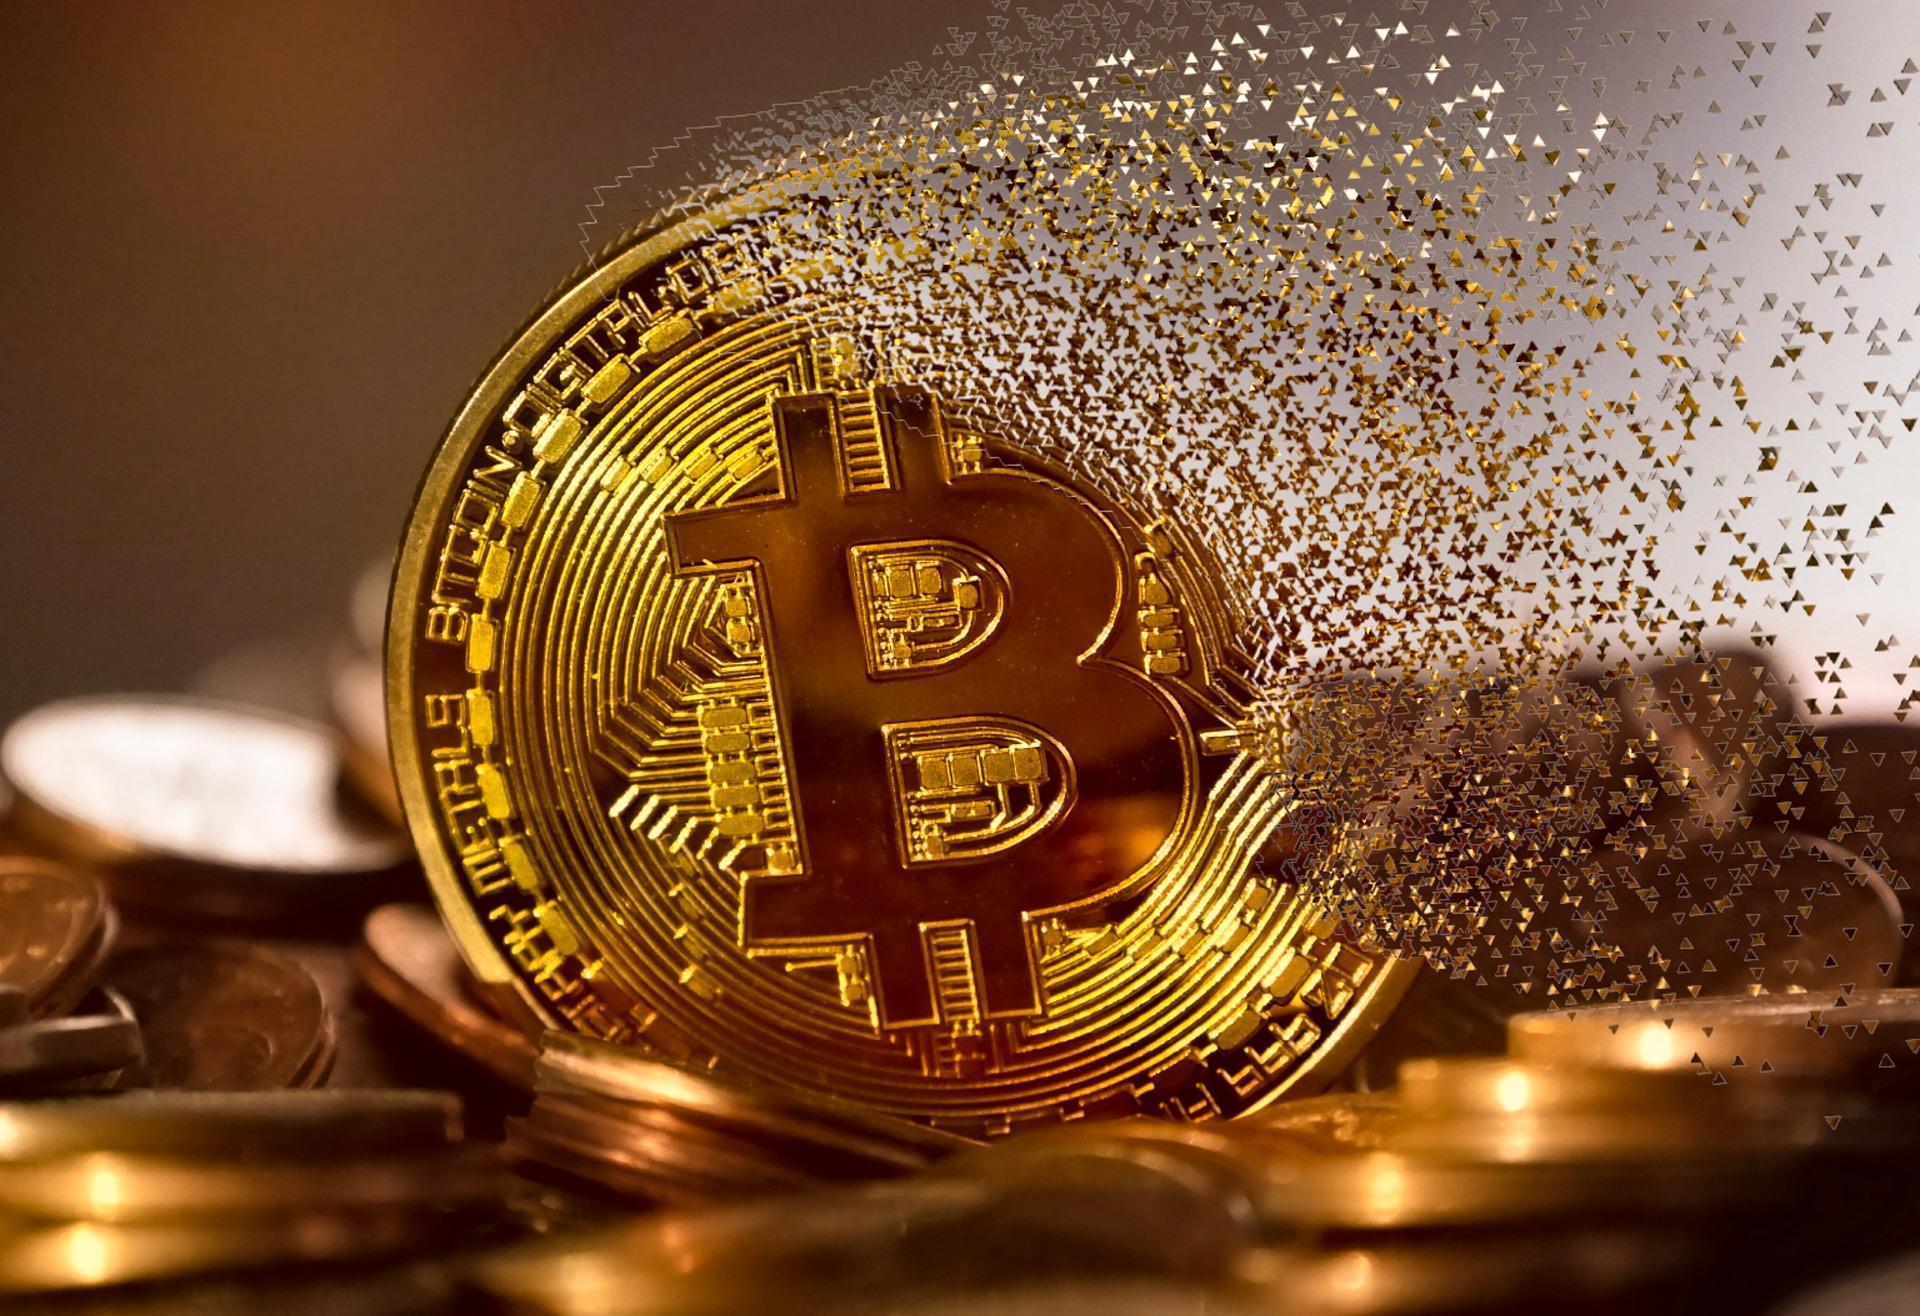 Ein Bitcoin löst sich in viele kleine Stücke auf.